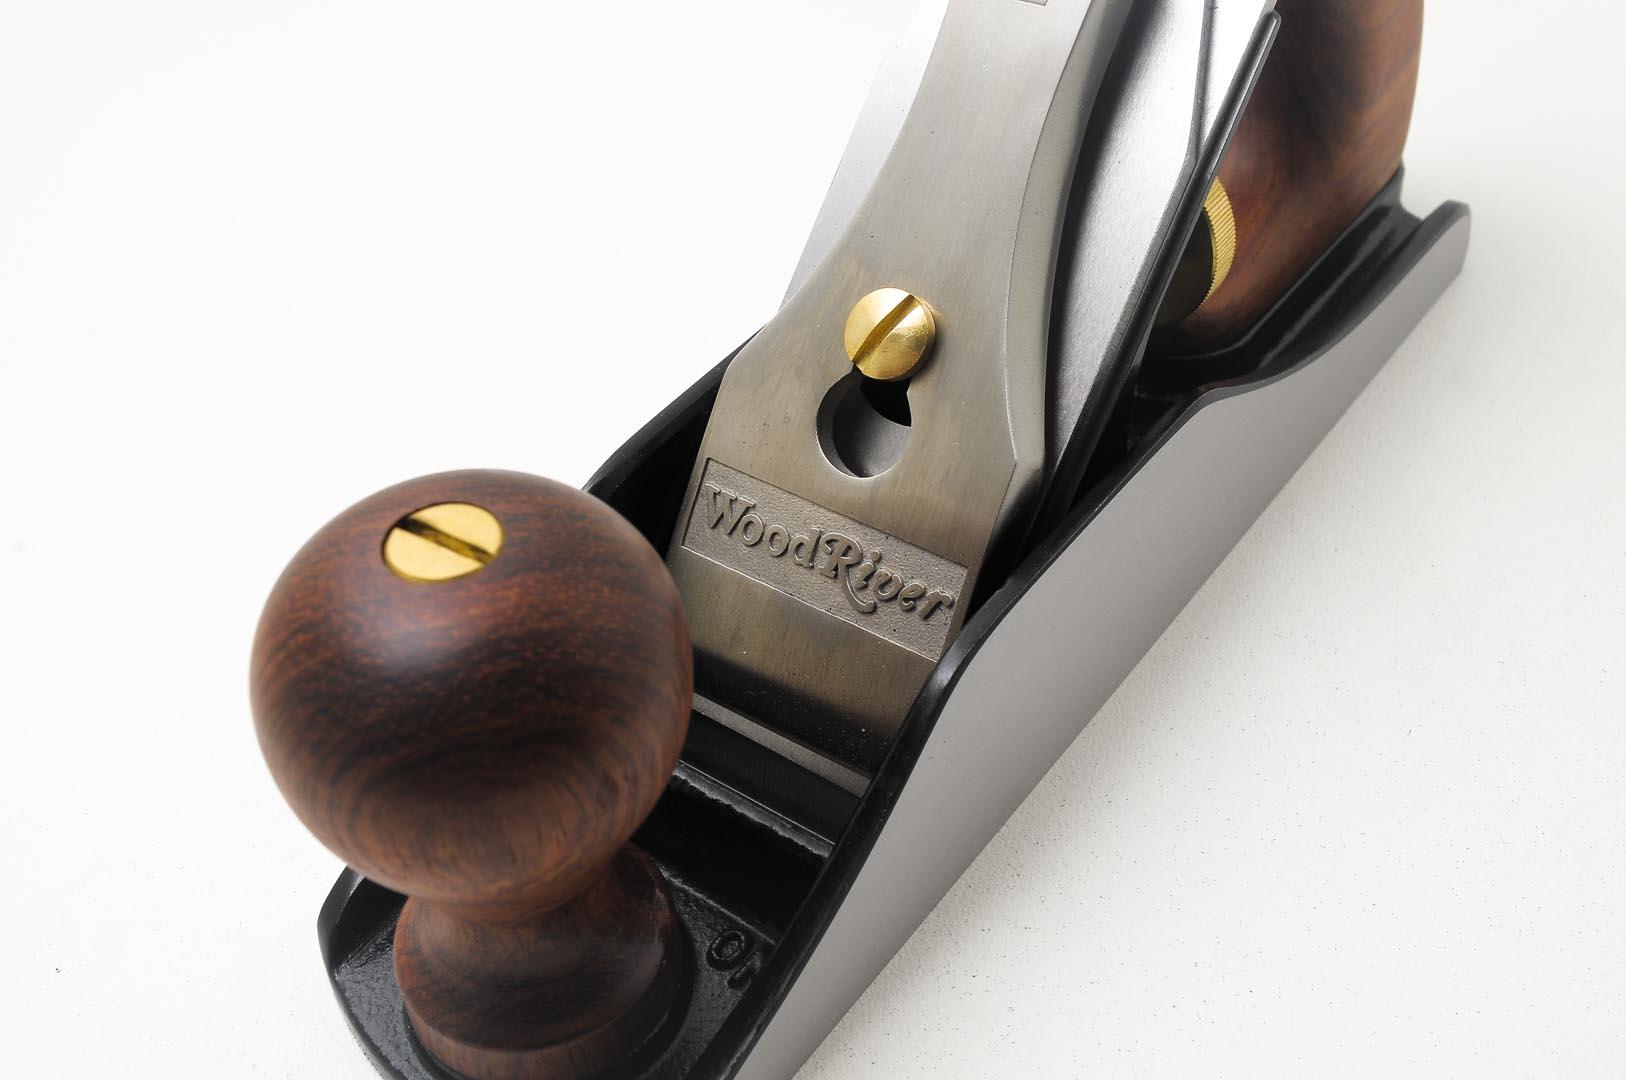 150873-Cepillo 3 bedrock de alisar manual de carpinteria WoodRiver 150873-max-2.